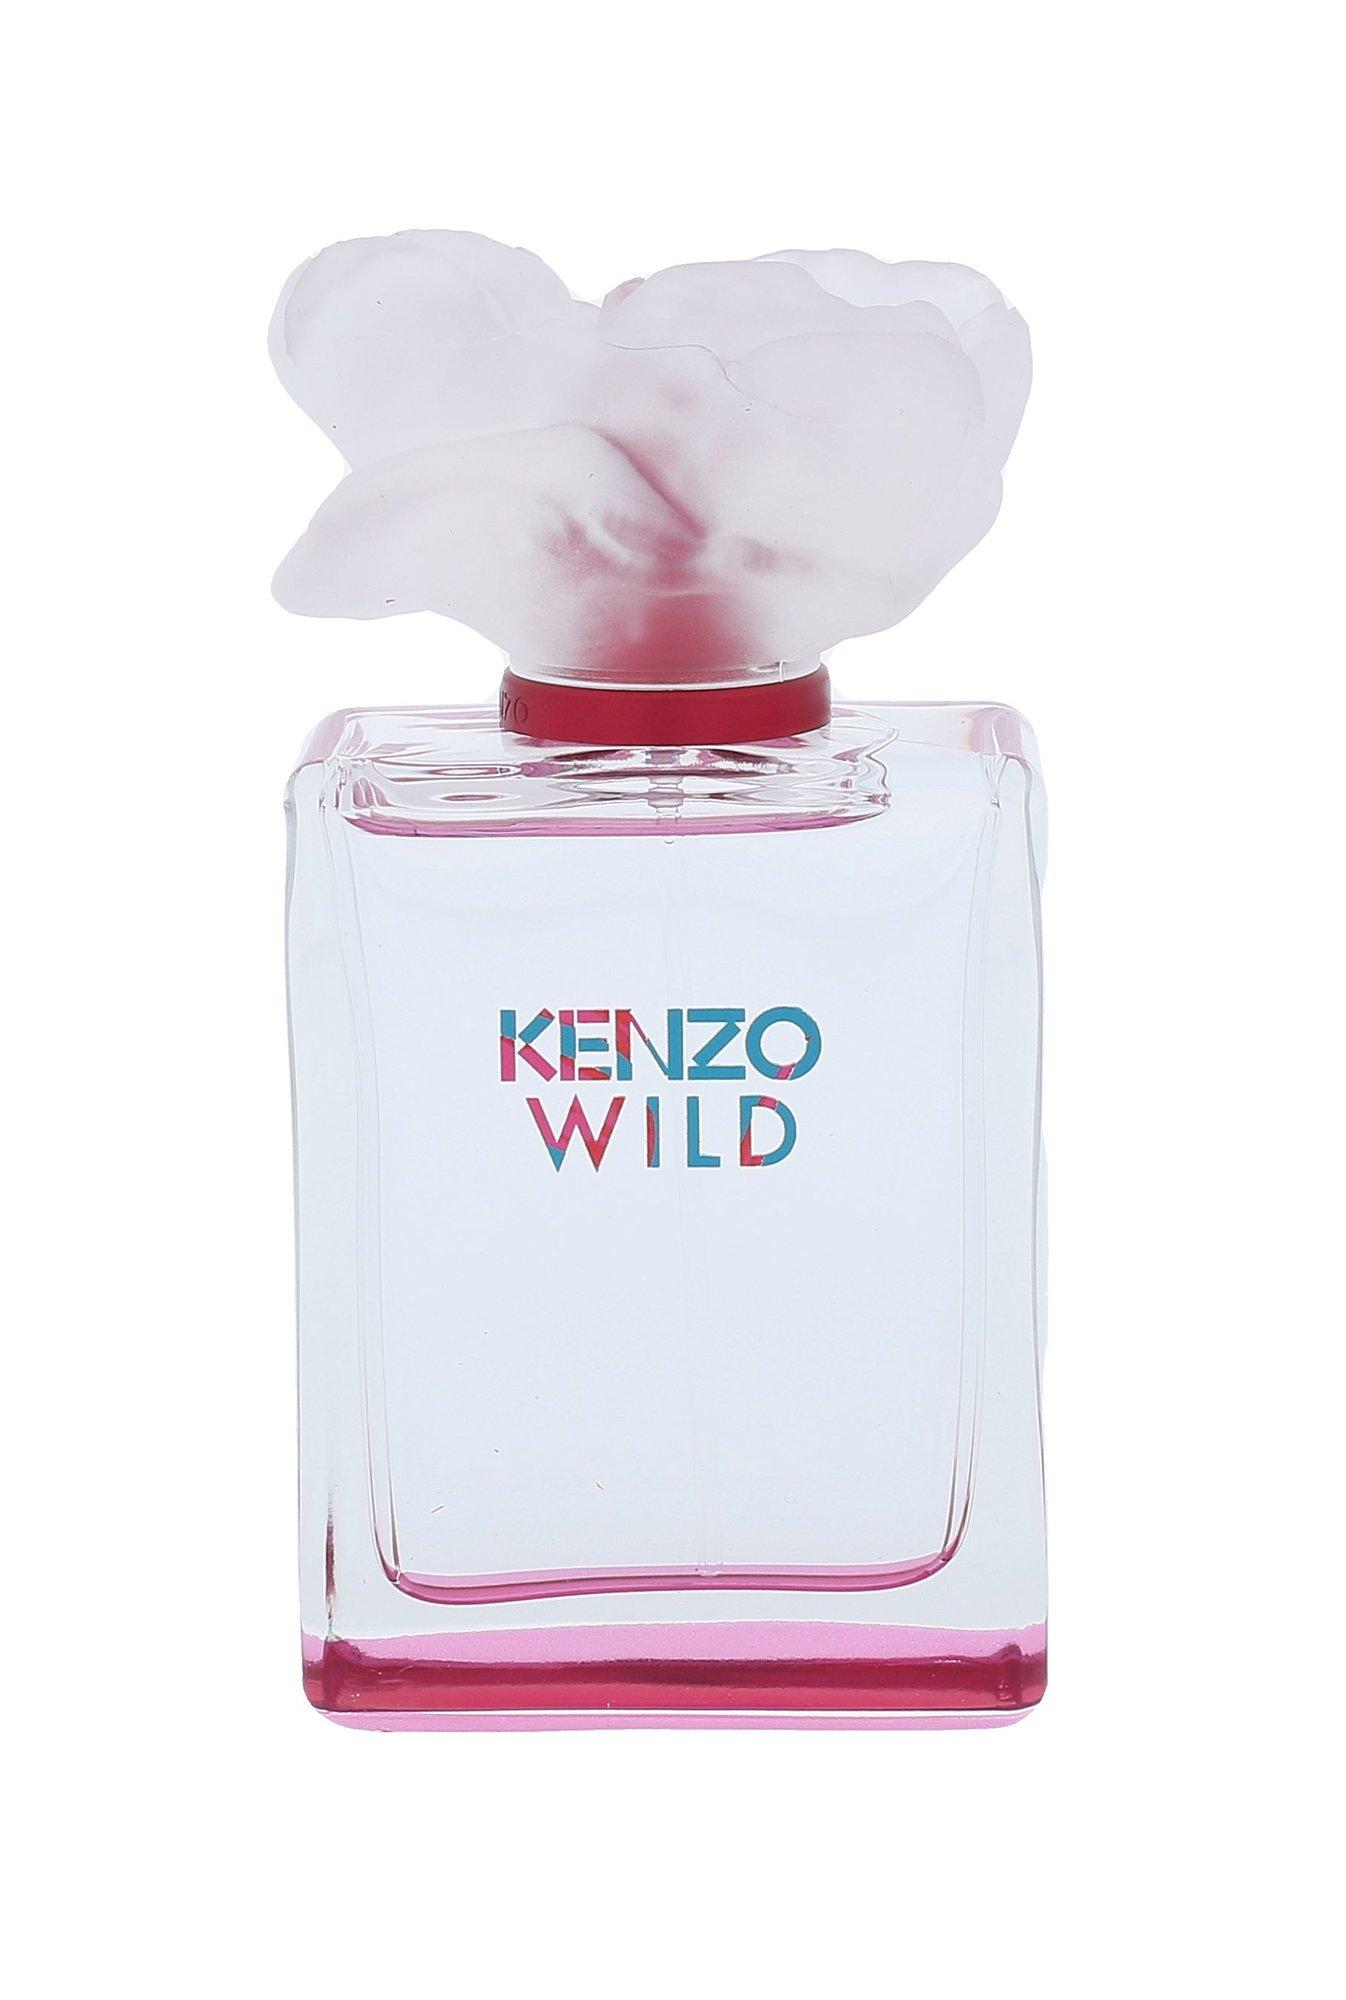 KENZO Wild EDT 50ml